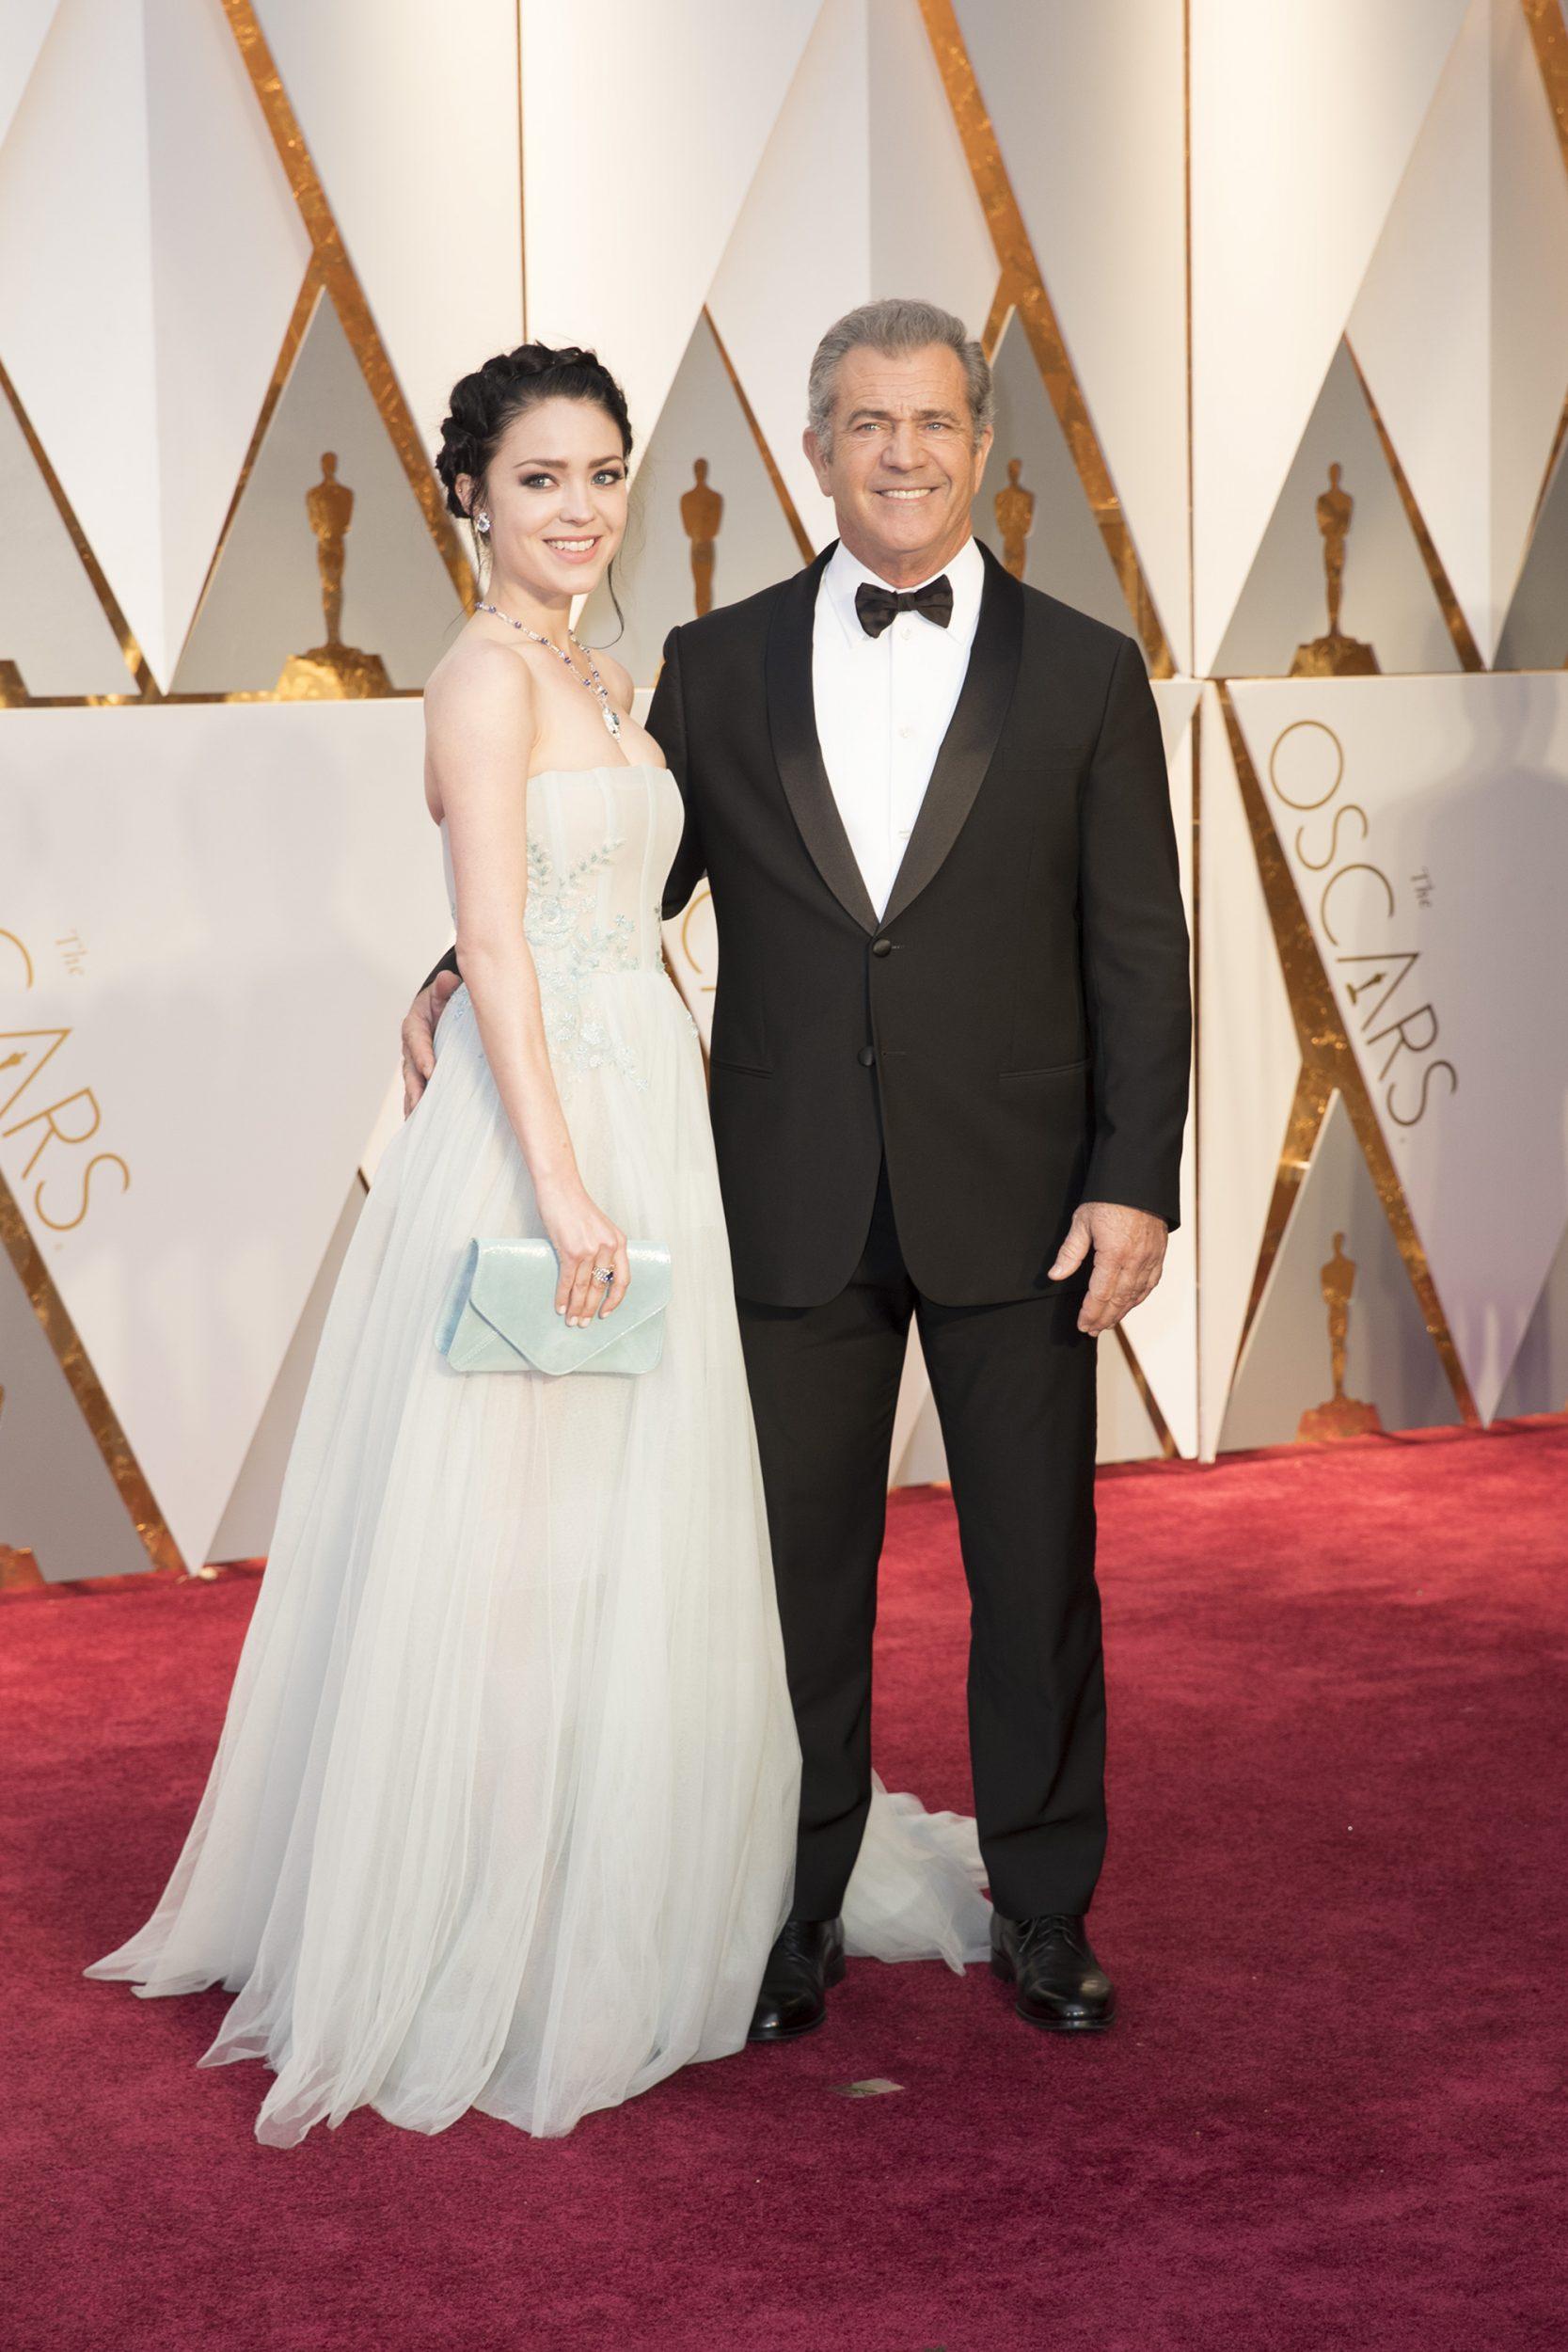 THE OSCARS(r) - The 89th Oscars(r)  broadcasts live on Oscar(r) SUNDAY, FEBRUARY 26, 2017, on the ABC Television Network. (ABC/Tyler Golden) MEL GIBSON